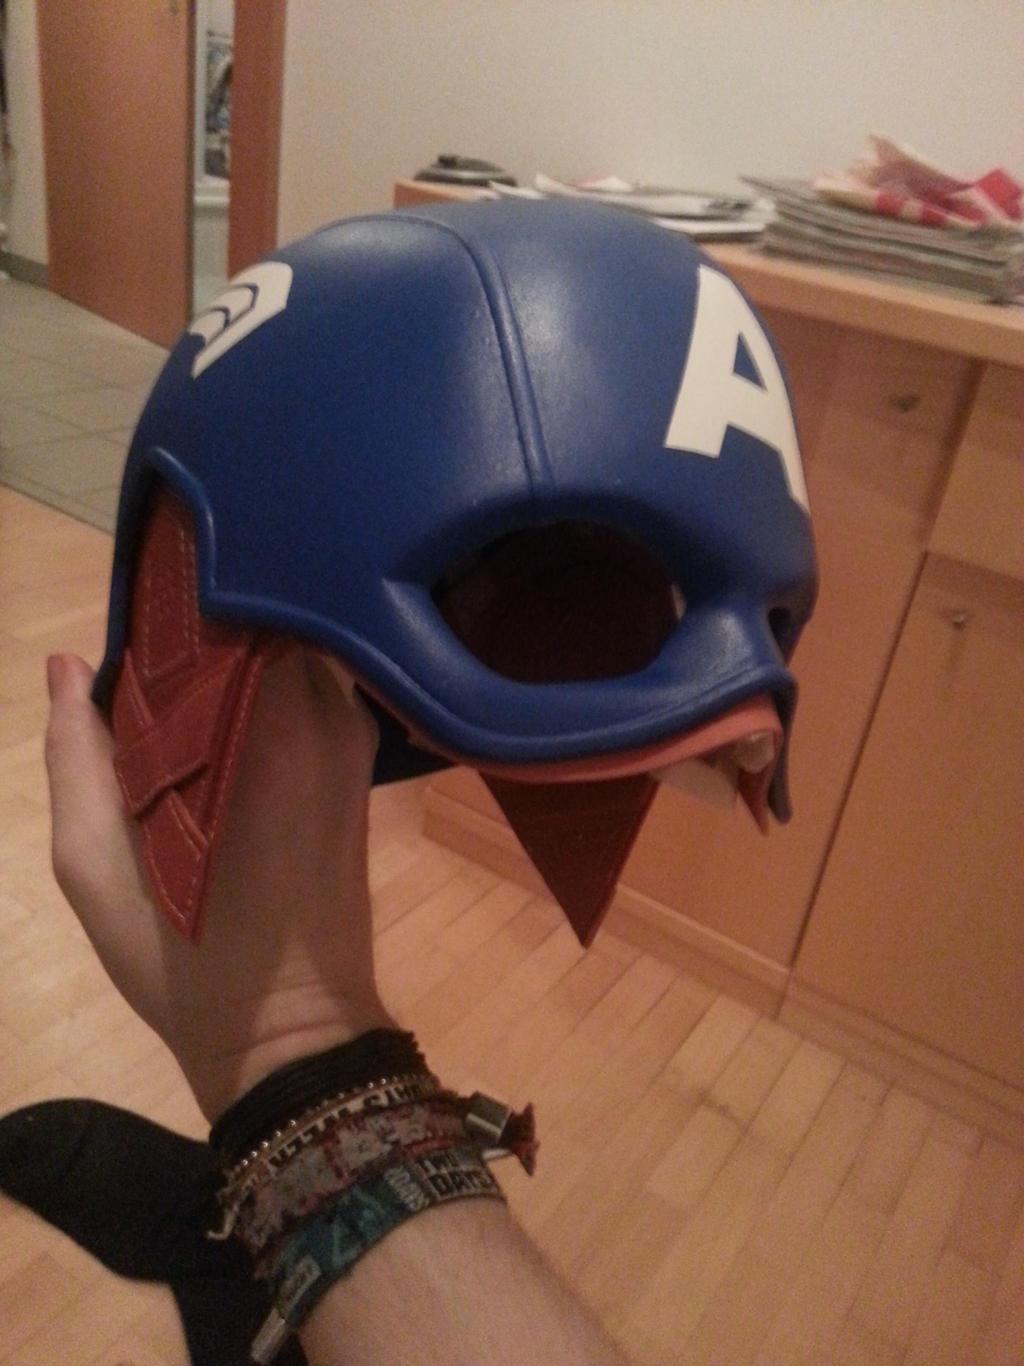 Captain america helmet wip 1 by eyeofsauron on deviantart captain america helmet wip 1 by eyeofsauron maxwellsz